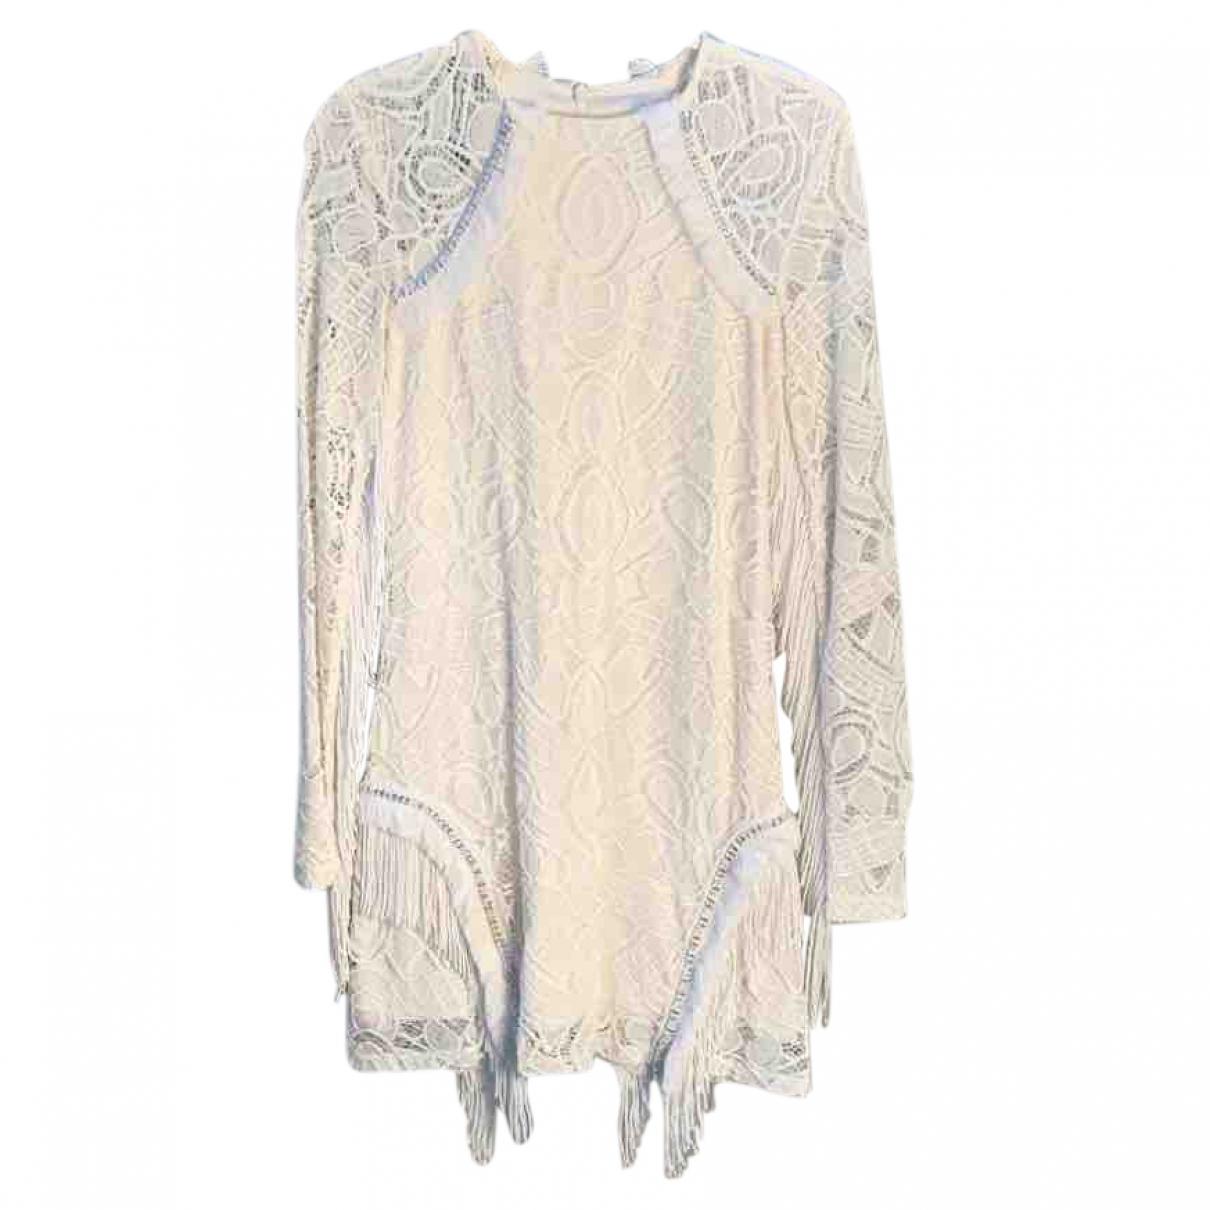 Alexis \N White Cotton - elasthane dress for Women 40 IT